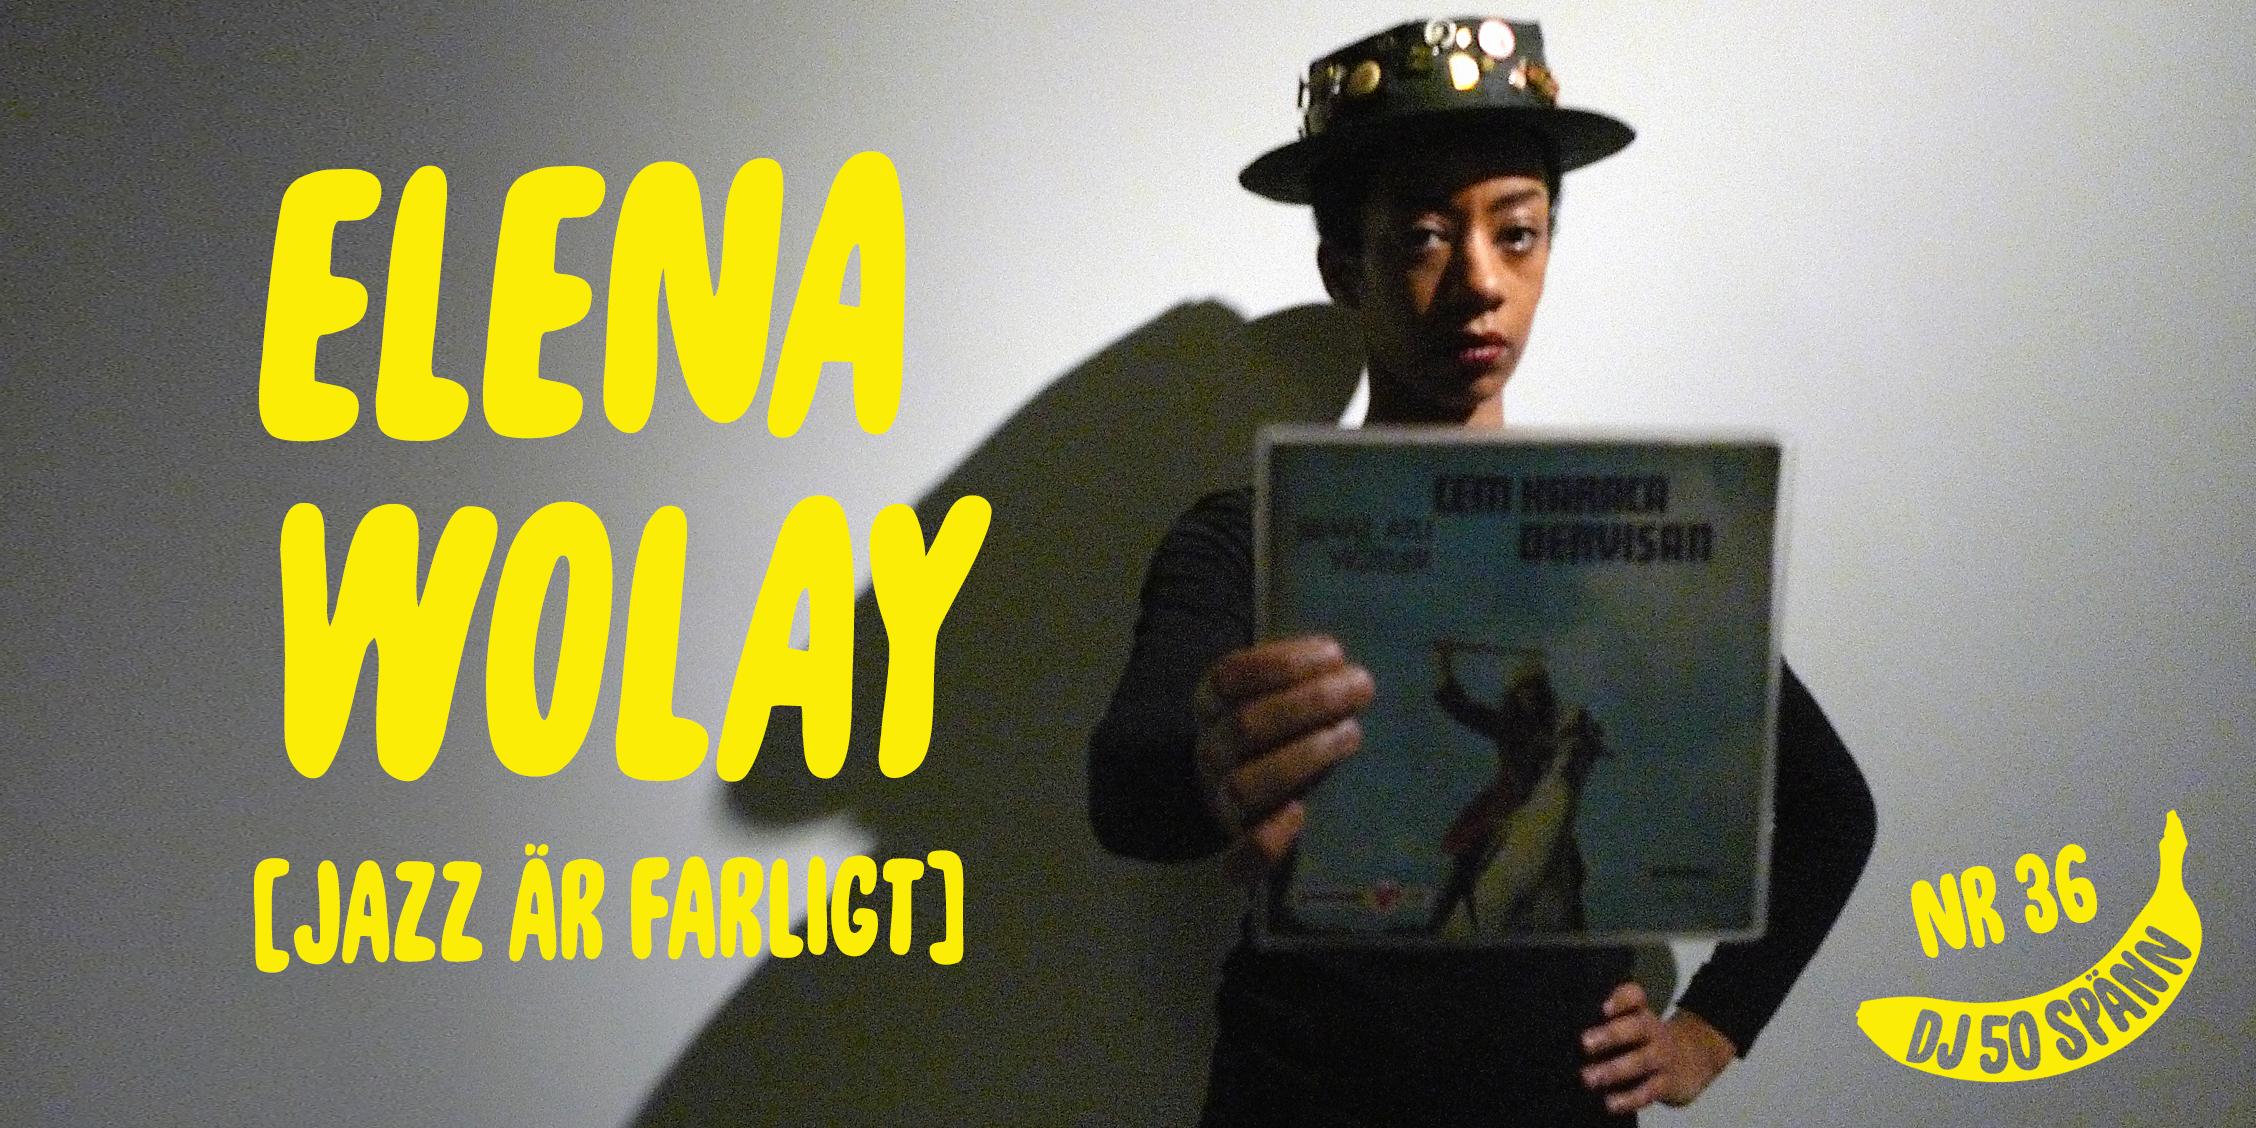 elena wolay